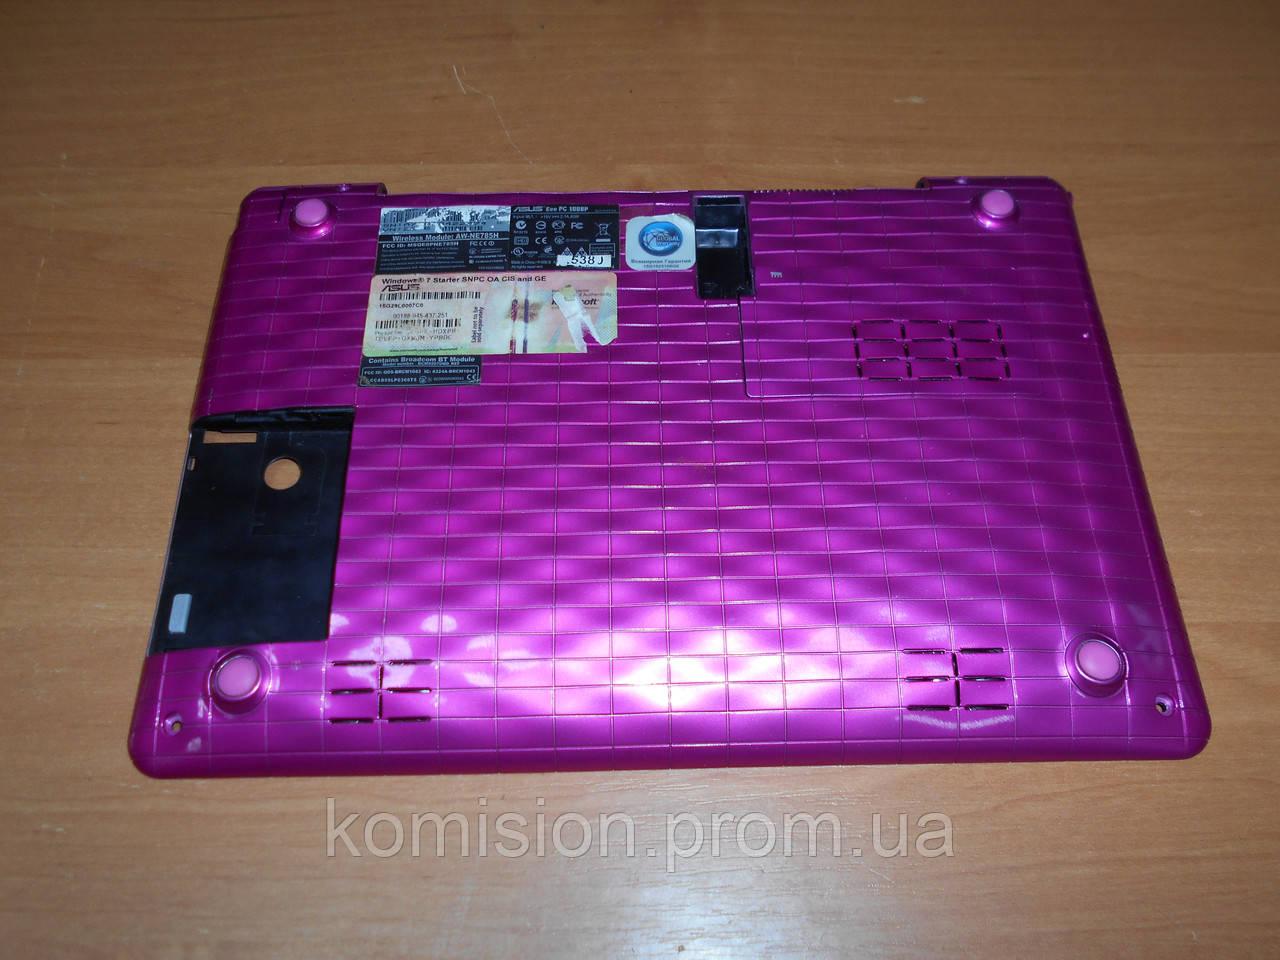 """Нетбук ASUS Eee PC 1008P 10"""" (на запчасти)"""